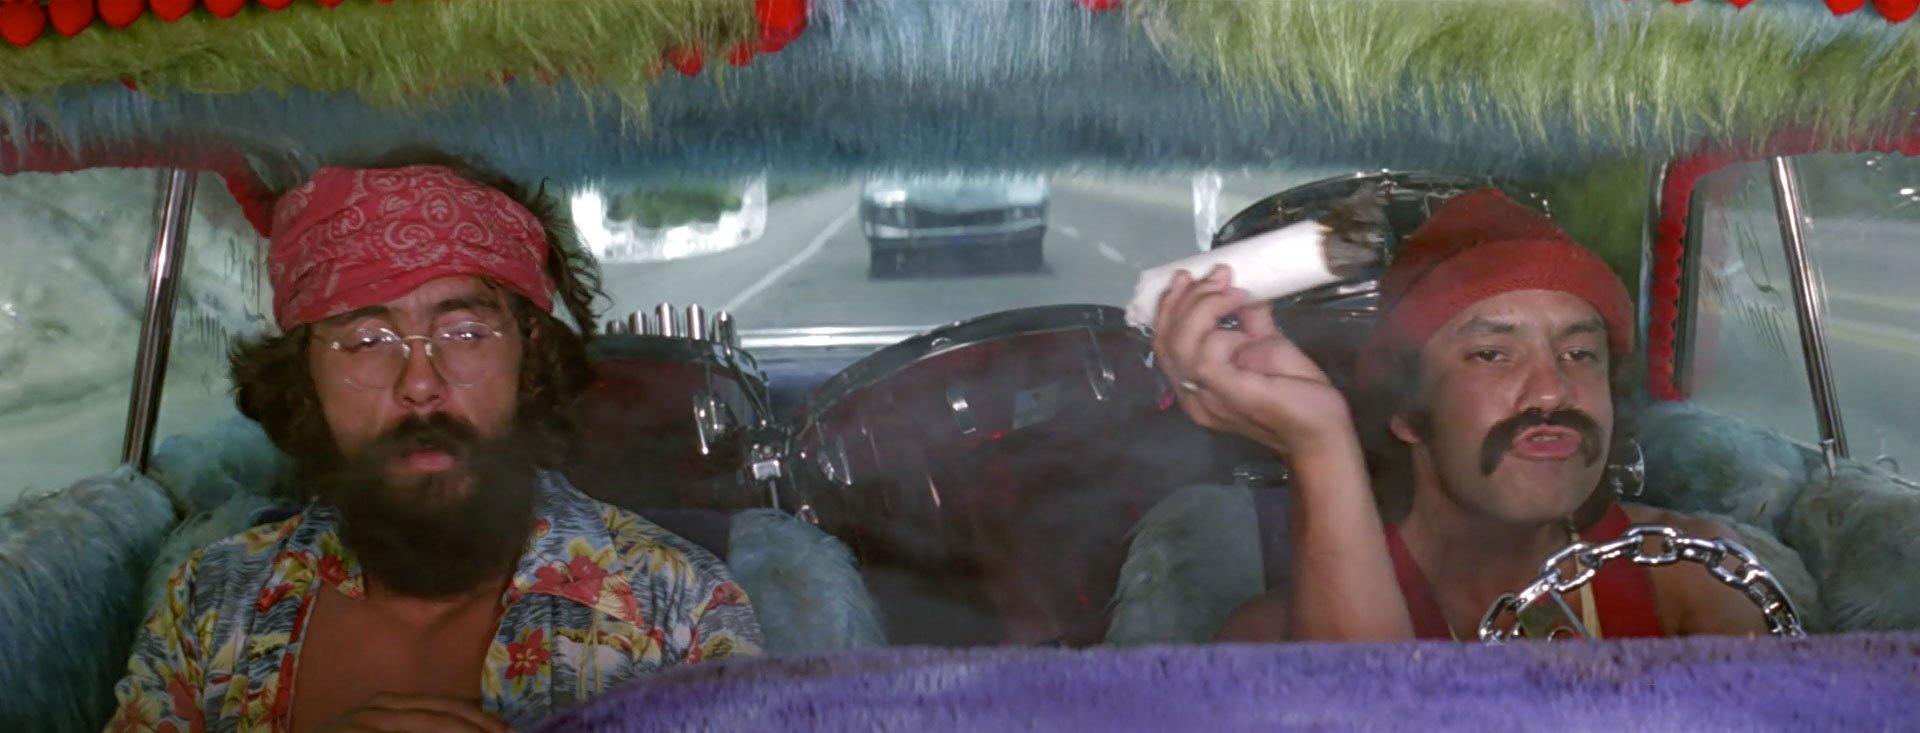 легализация марихуаны в сша калифорния каннабис марихуана конопля голосование декриминализация отвратительные мужики disgusting men